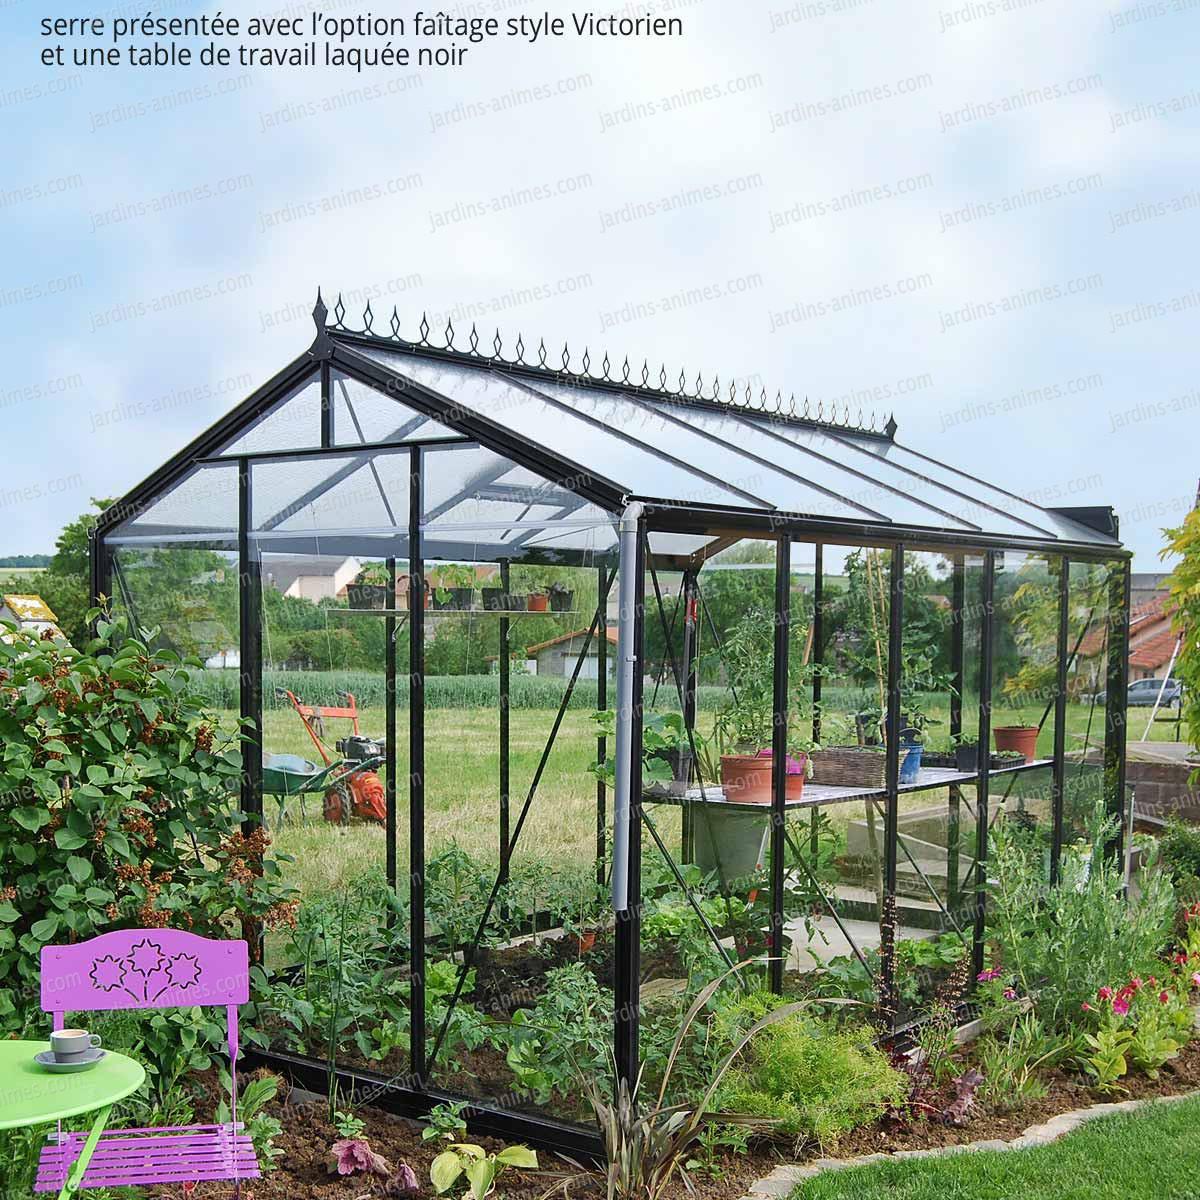 Serre de jardin prestige r tro laqu noir serre jardin - Accessoires serre de jardin ...